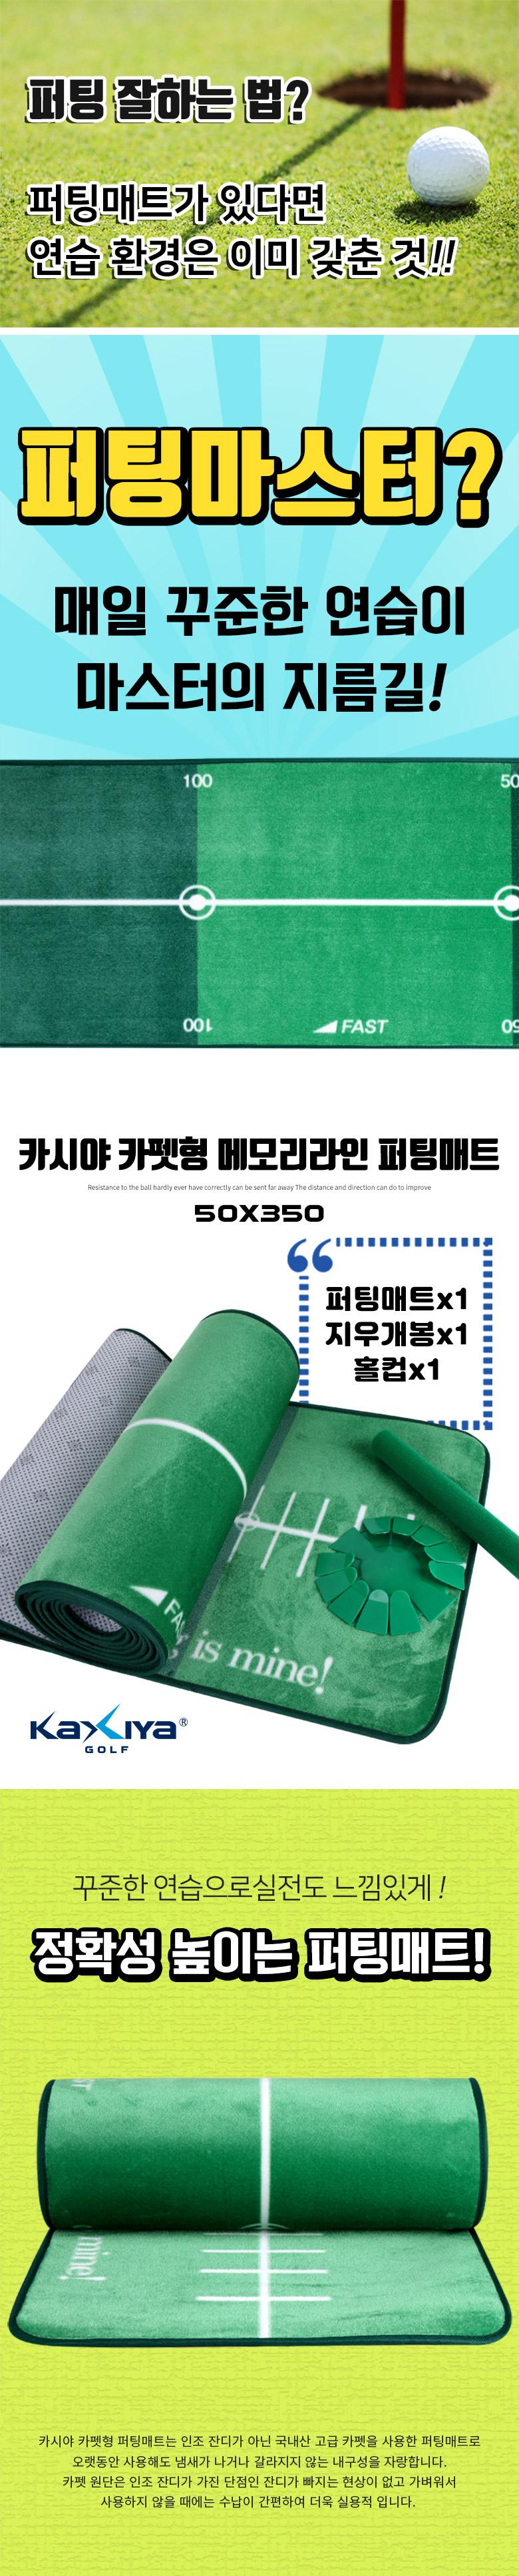 b2020061502_1.jpg